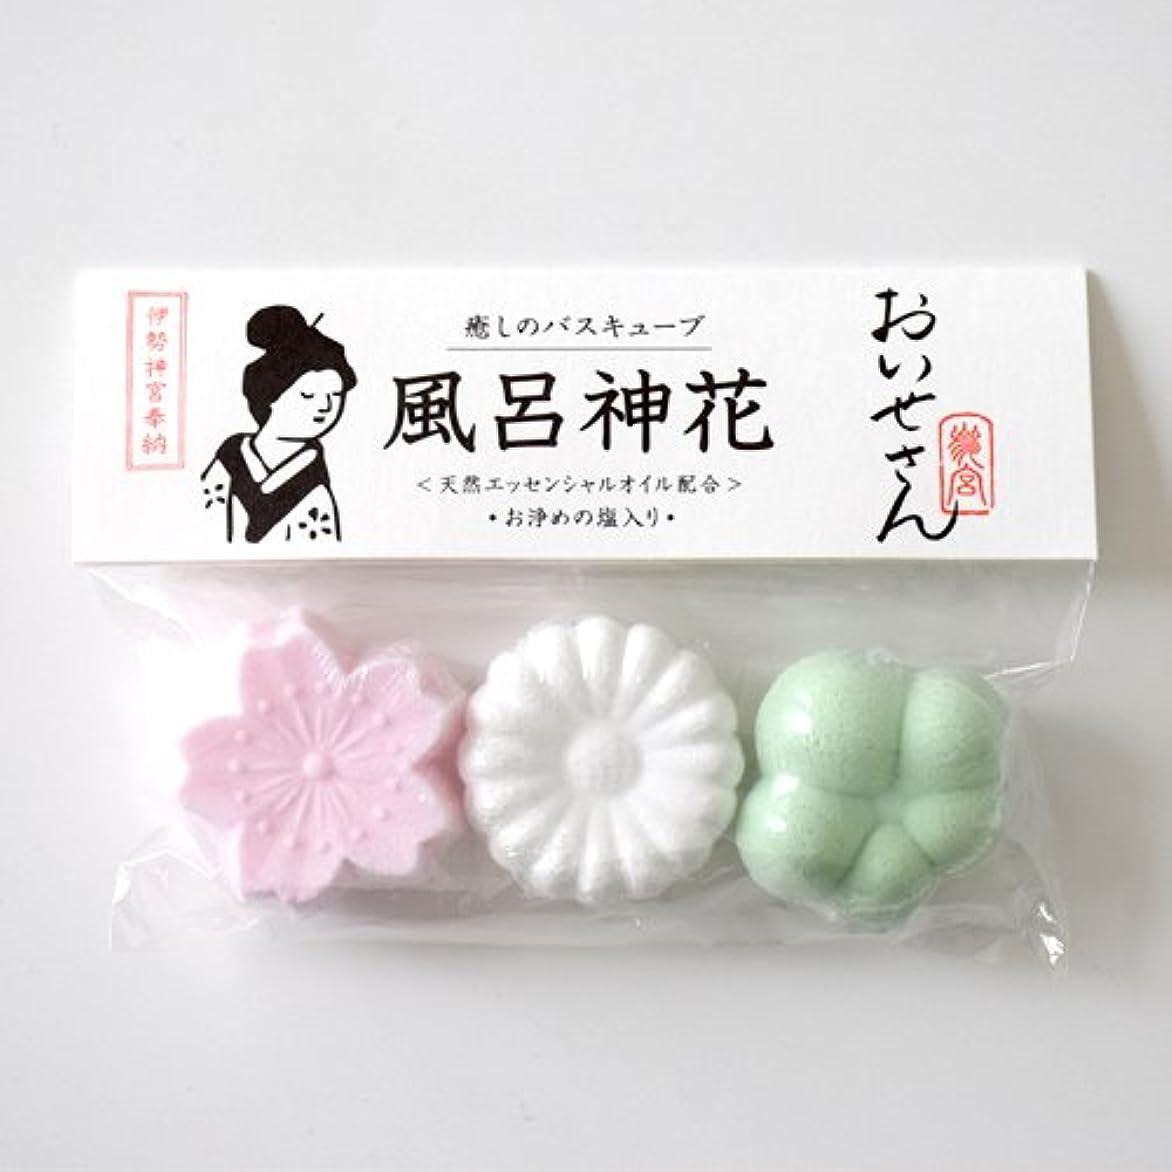 コンサート官僚たとえおいせさん 風呂神花 バスキューブ(30g×2個 20g×1個)